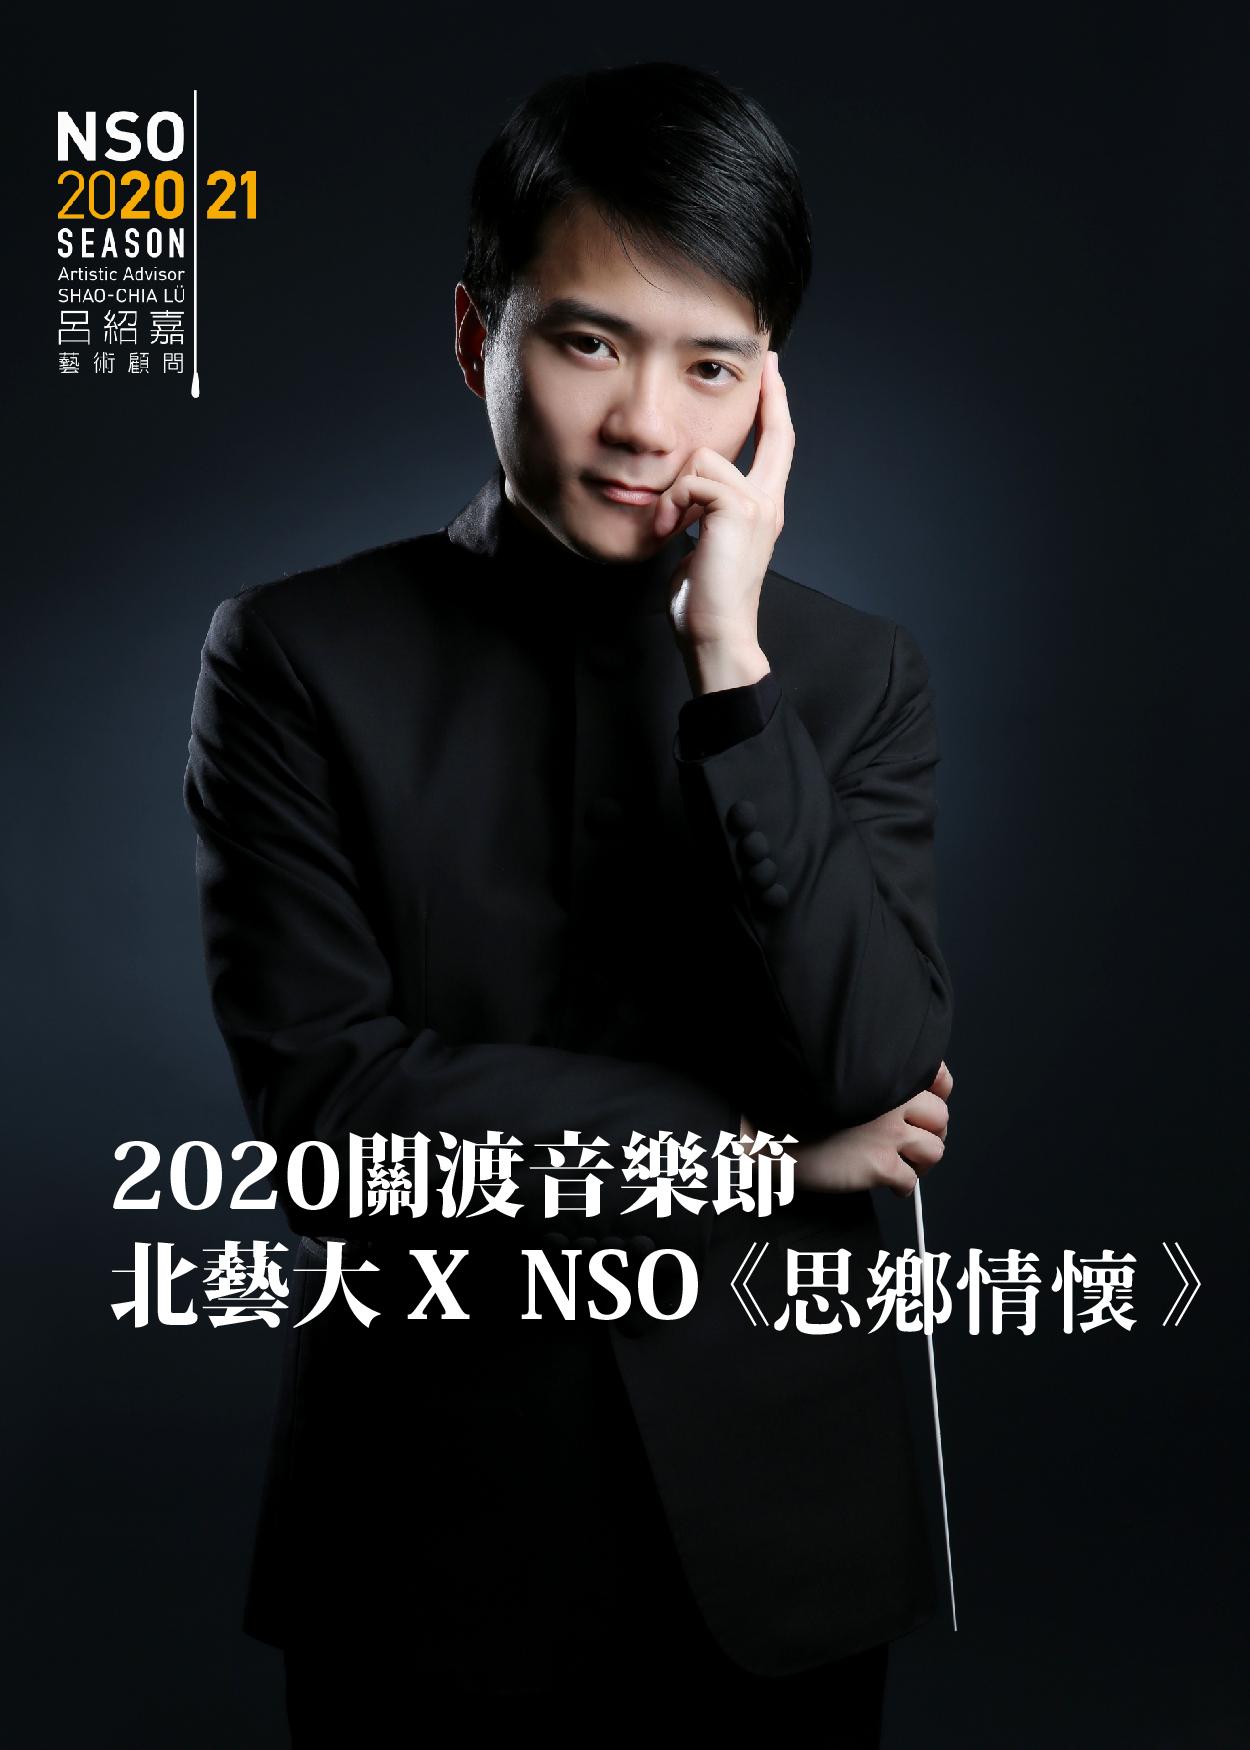 2020 關渡音樂節 北藝大 ×NSO《思鄉情懷》